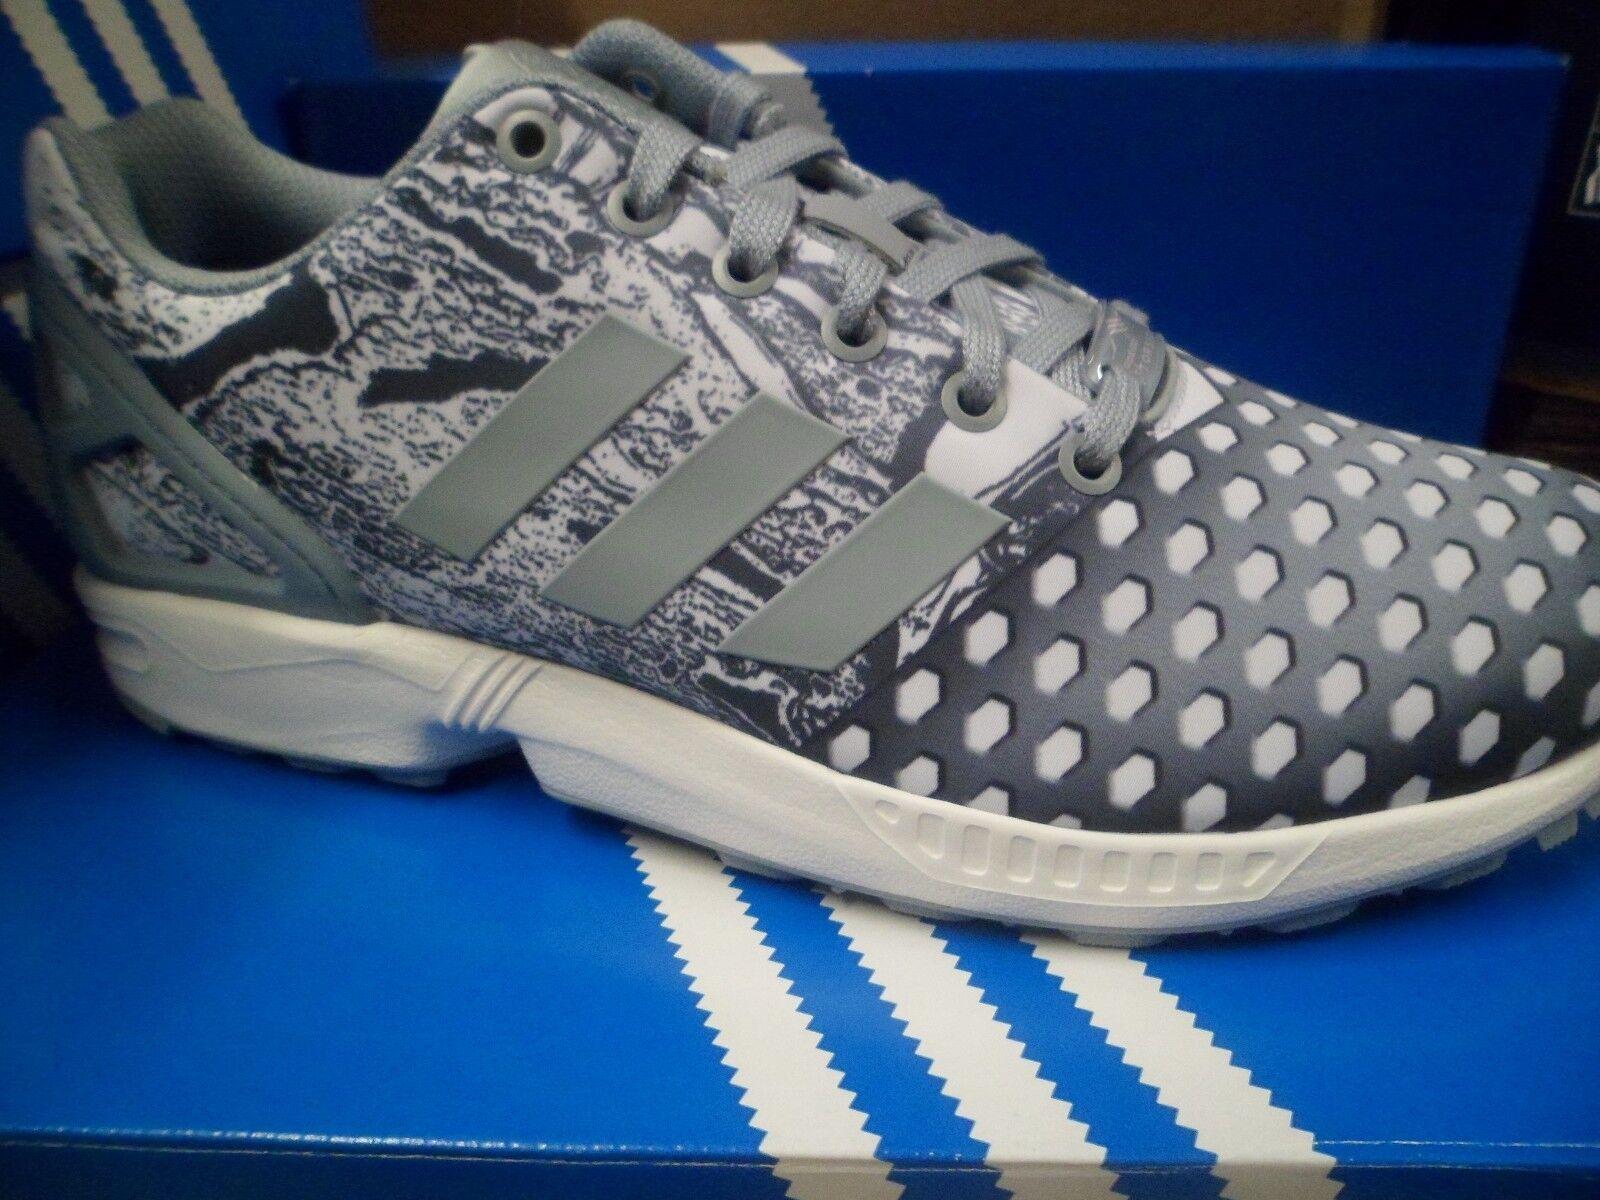 Gli Zx Uomini È Adidas Originali Zx Gli Flusso Scarpe Noi Uk 9 Bb1834 Ebay 1c0cb1